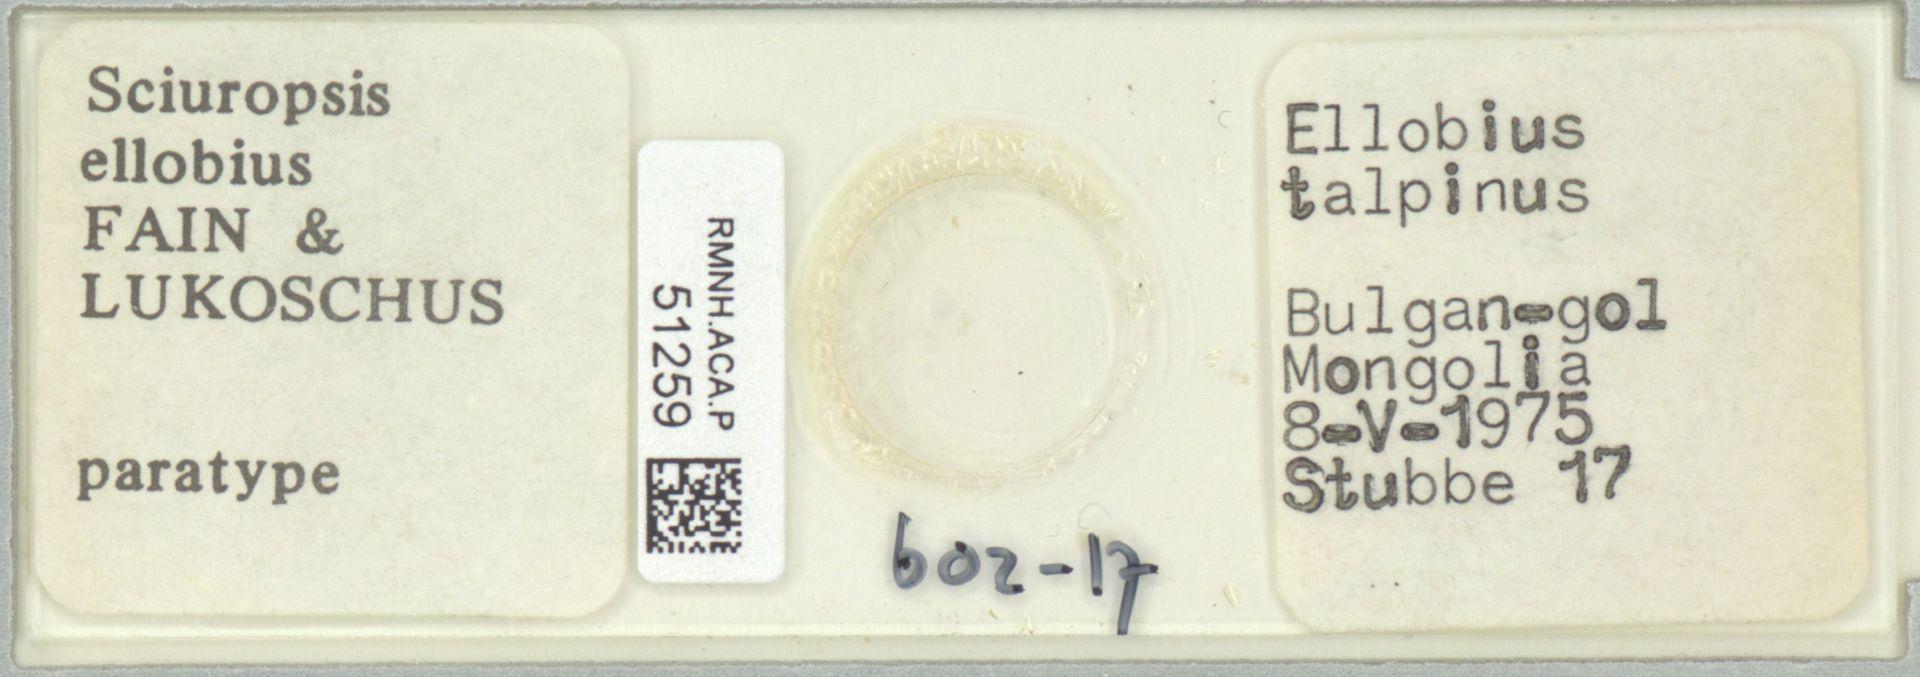 RMNH.ACA.P.51259 | Sciuropsis ellobius Fain & Lukoschus